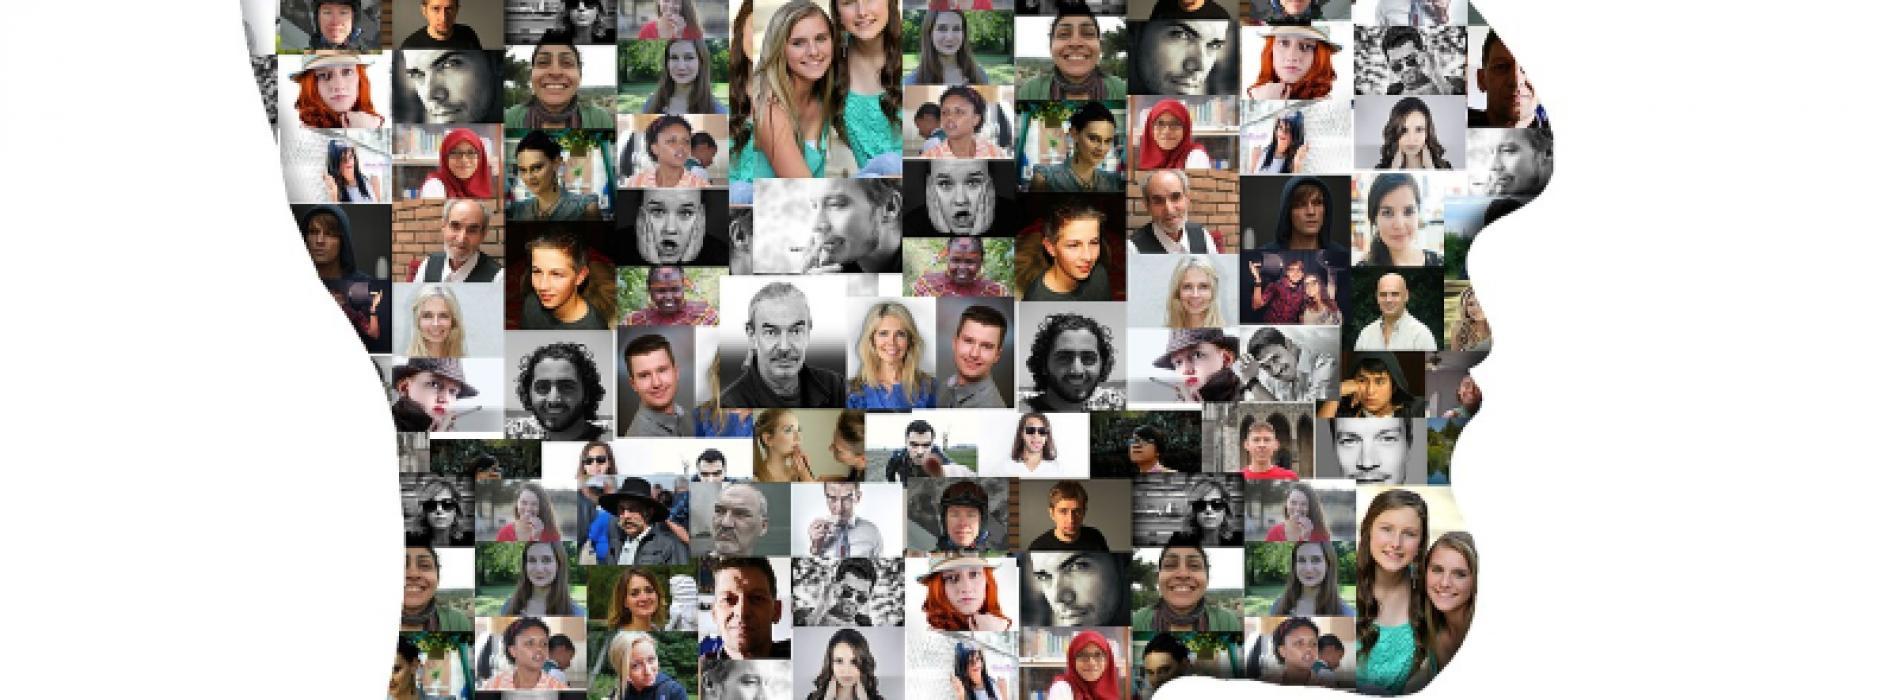 10 błędów w social mediach popełnianych przez małych i wielkich